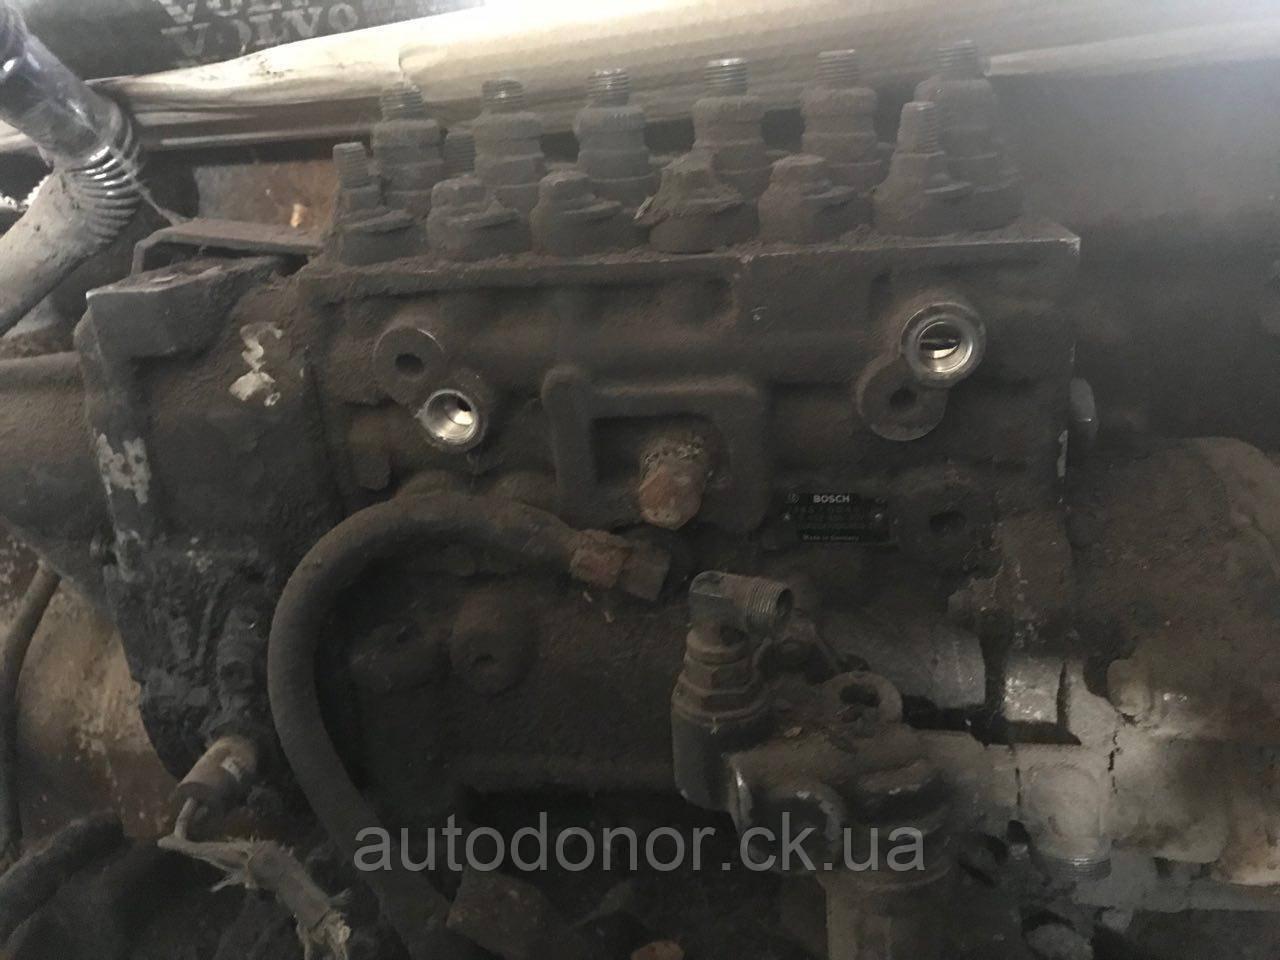 Насос топливный ТНВД Renault/рено Magnum/магнум euro 2  0402996307